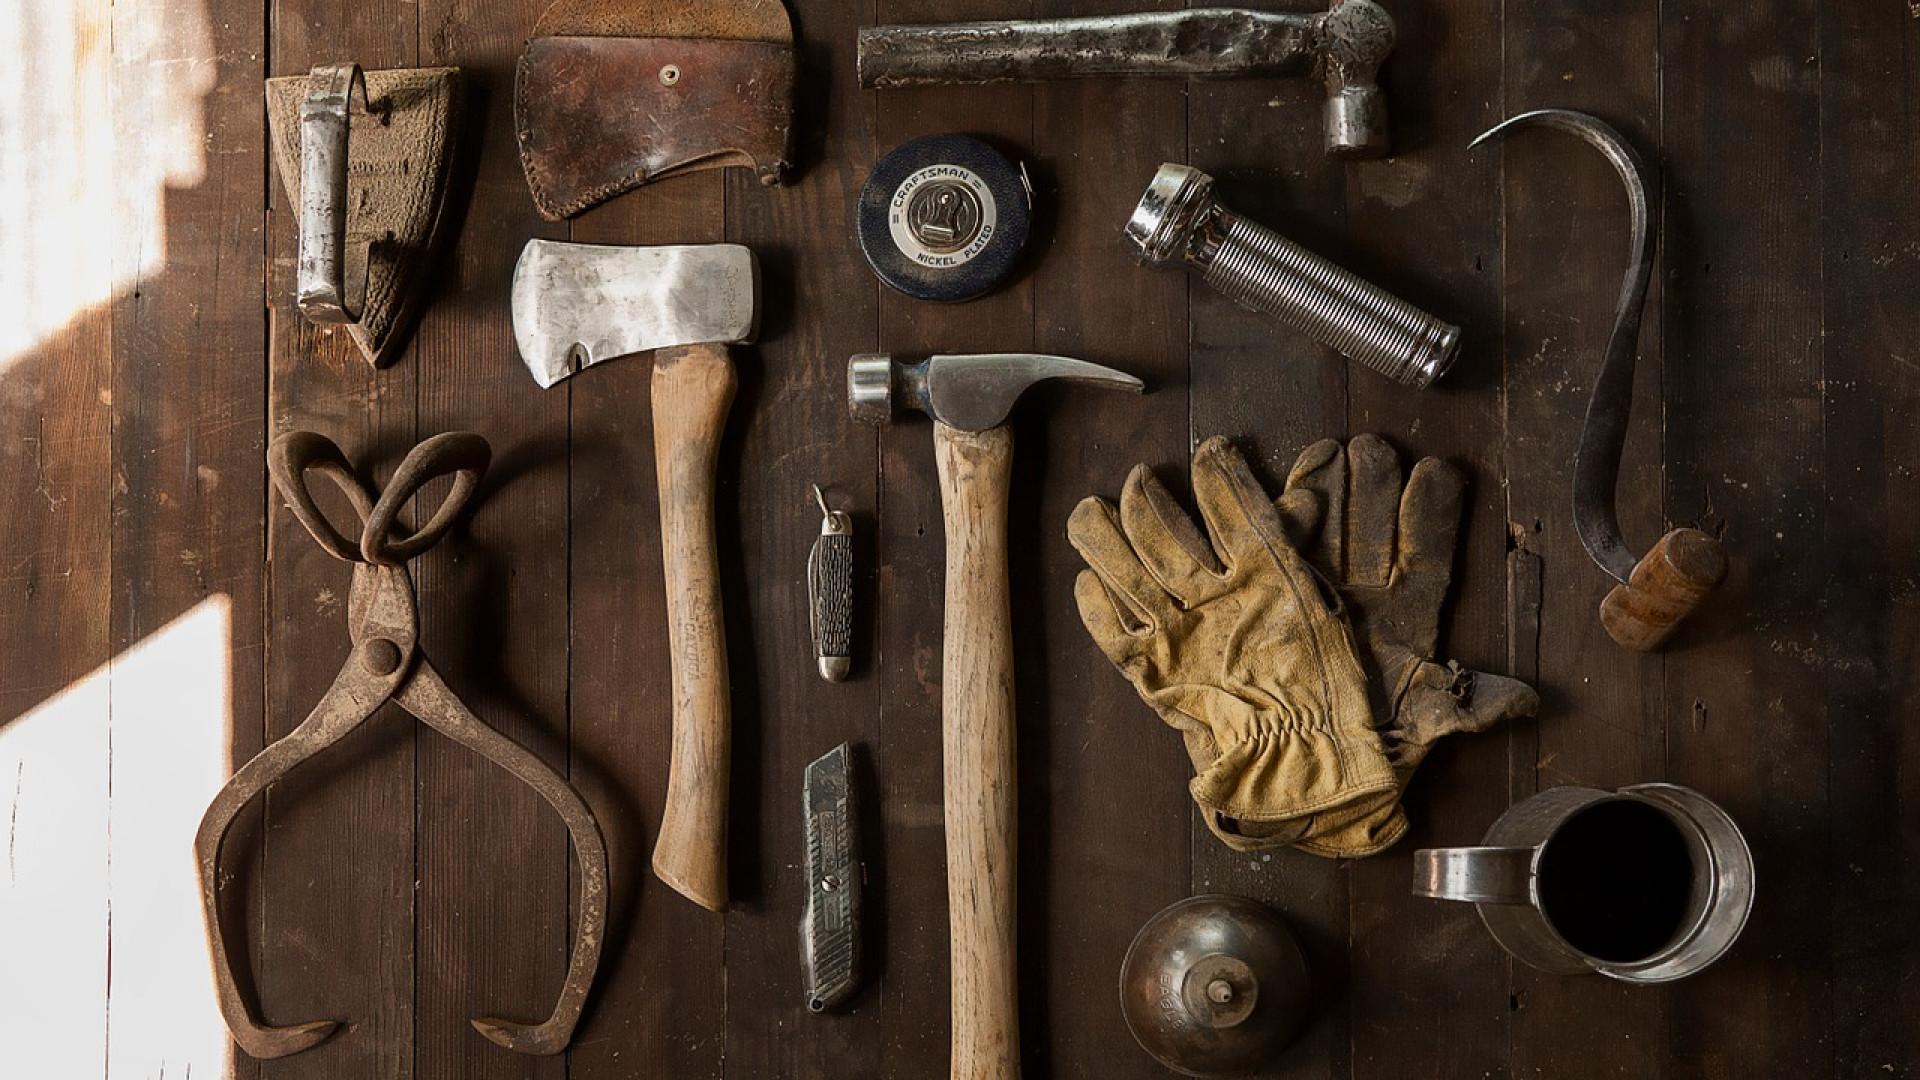 Découvrez ce spécialiste de la maintenance des broches et des électrobroches